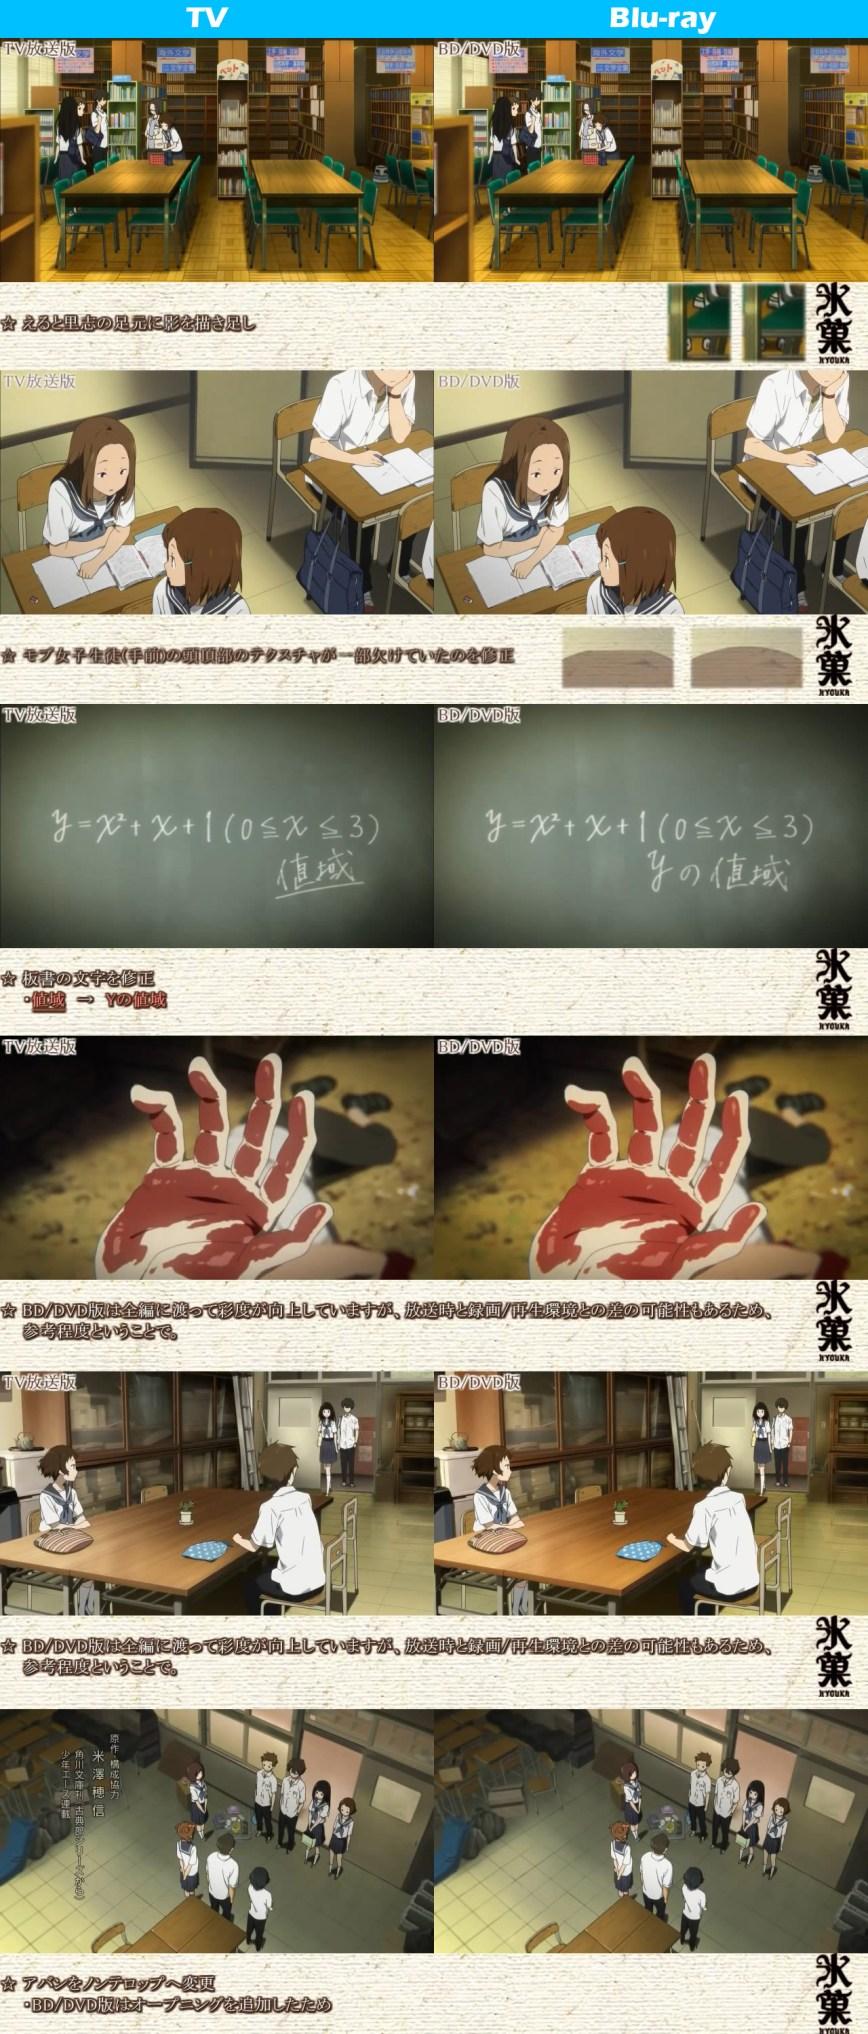 Hyouka-TV-vs-Blu-ray-Comparison-3